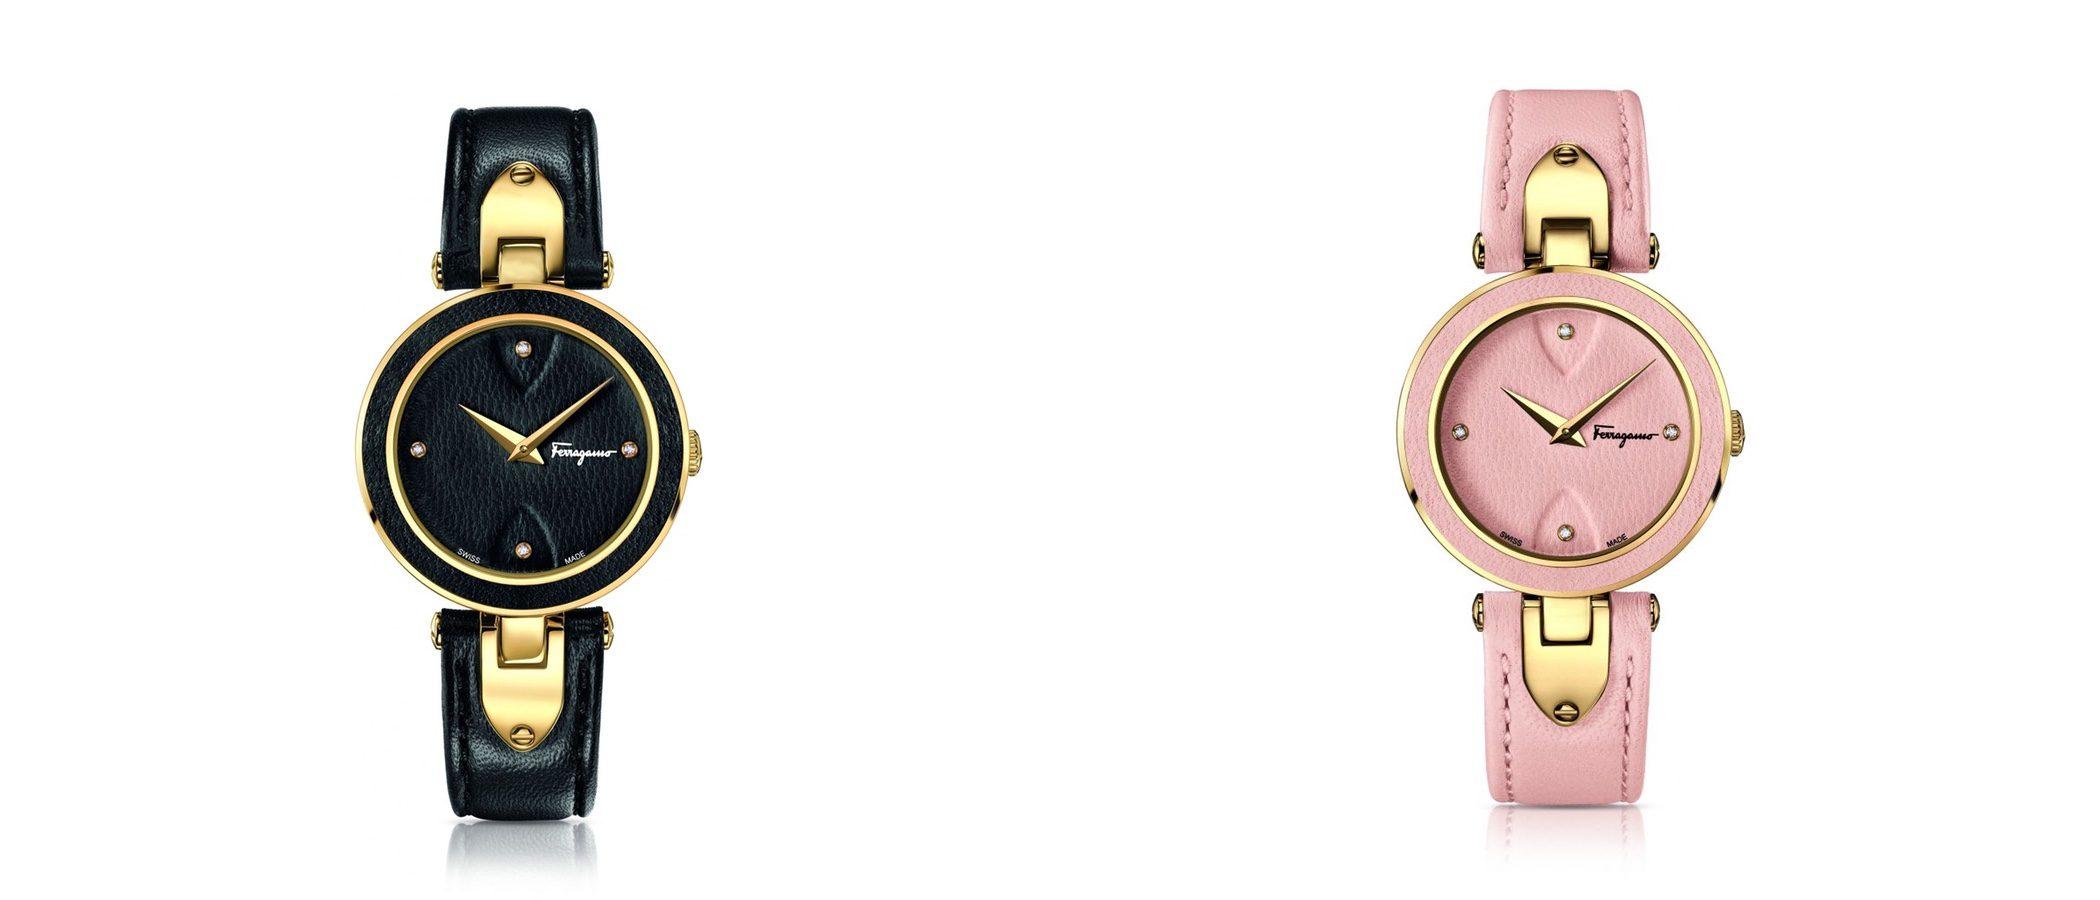 Salvatore Ferragamo presenta su nueva línea de relojes 'Gilio'